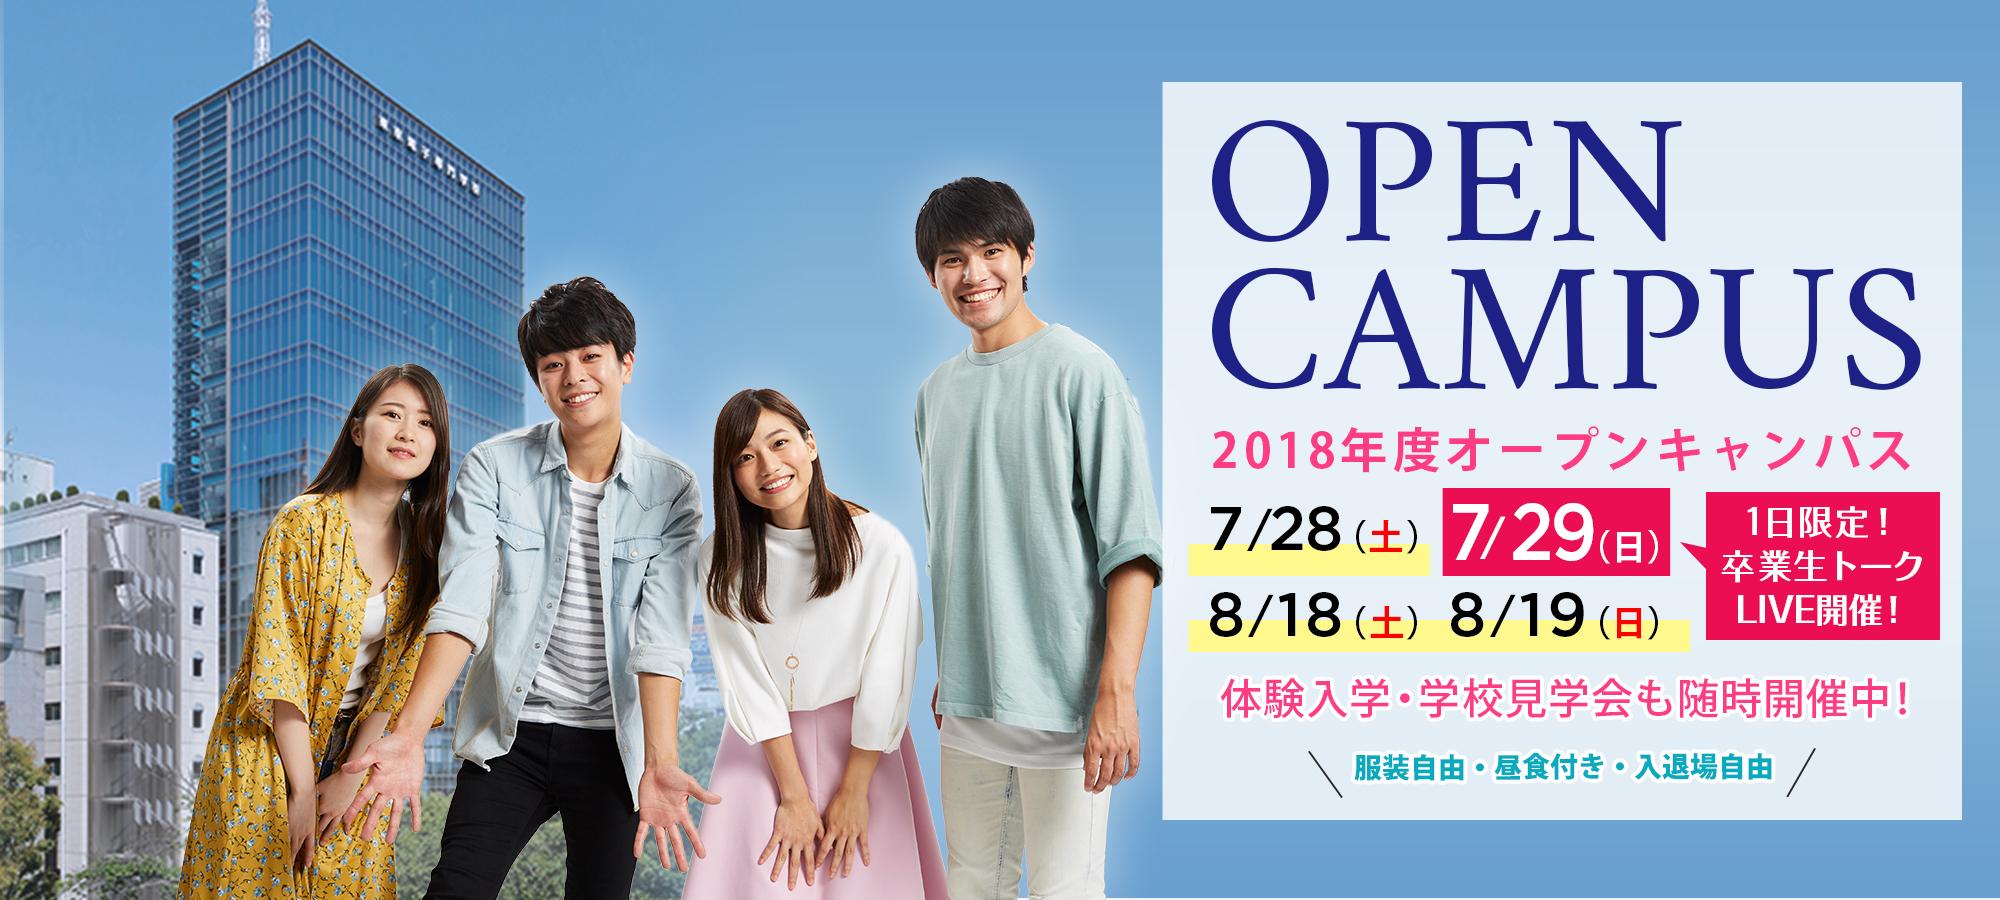 7月28日(土)・29日(日)はオープンキャンパス!!